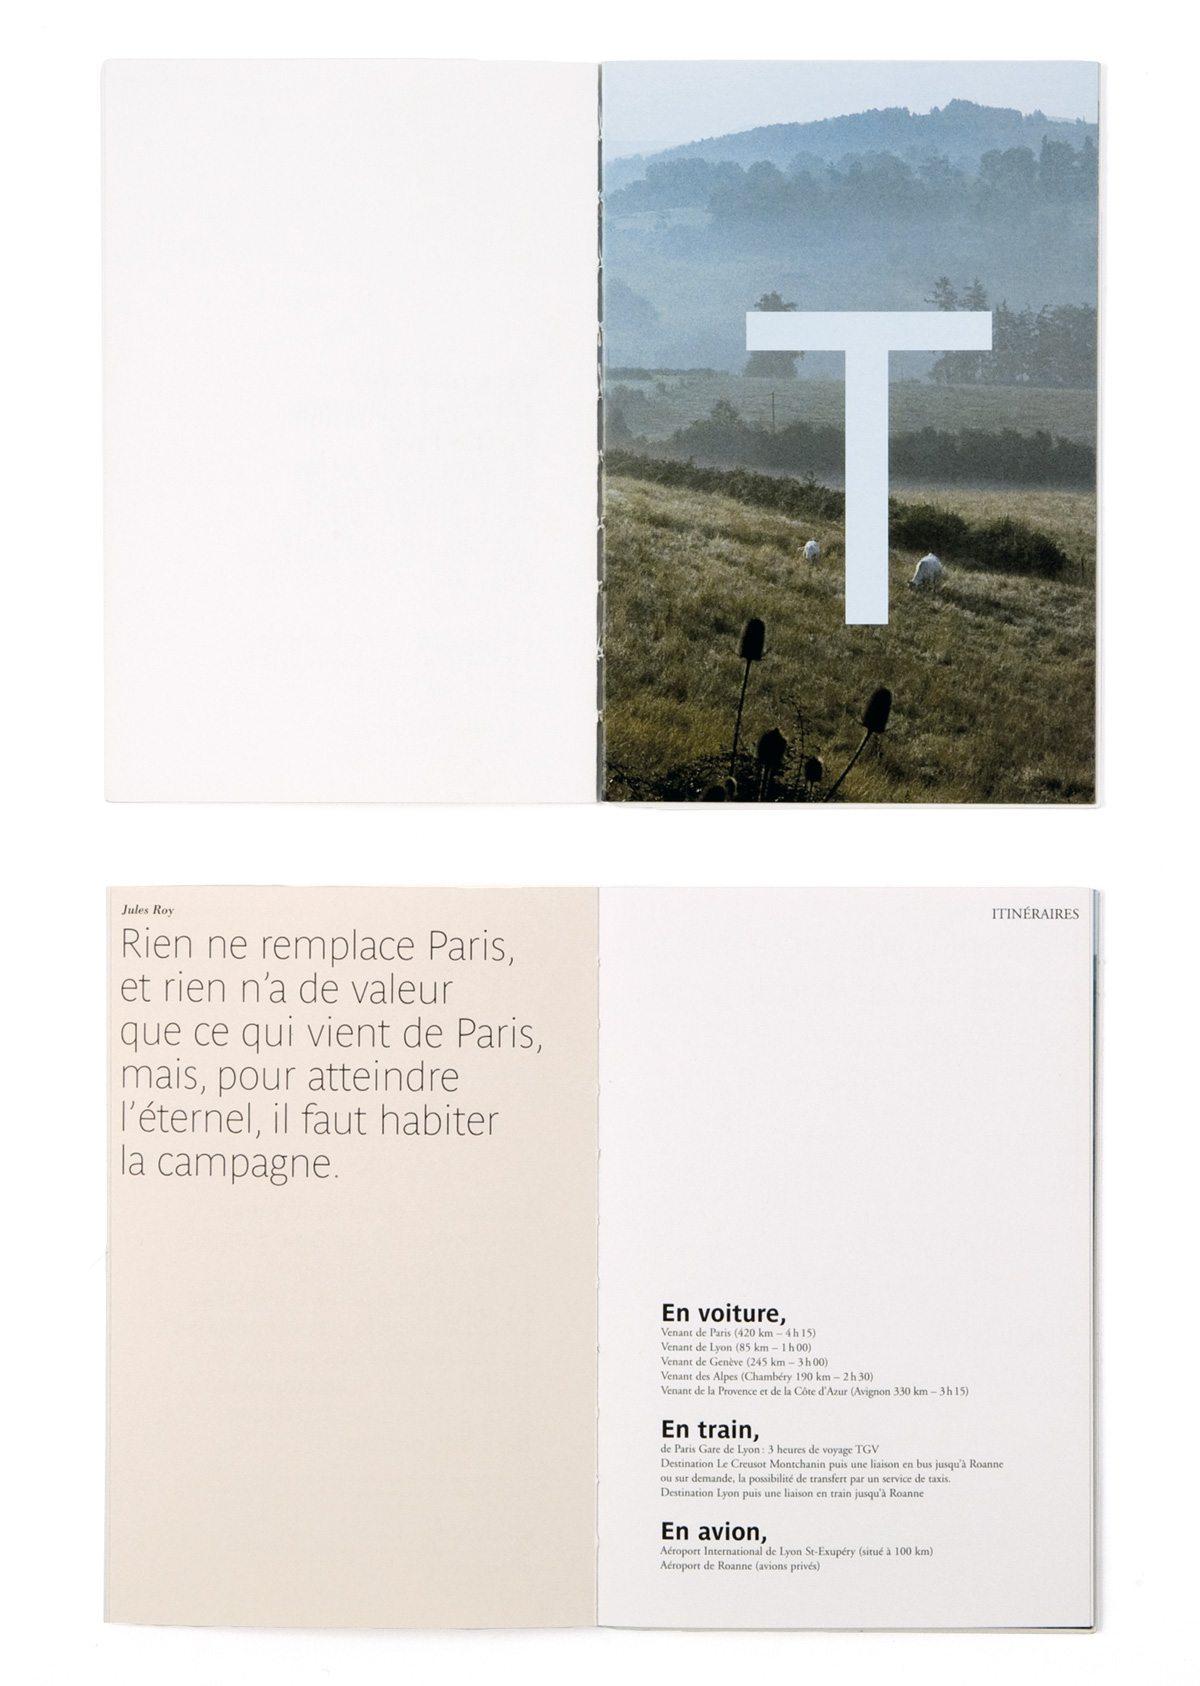 Brochure de la Maison Troisgros, confrontation poétique d'images et de textes extraits de la littérature classique, design Ich&Kar